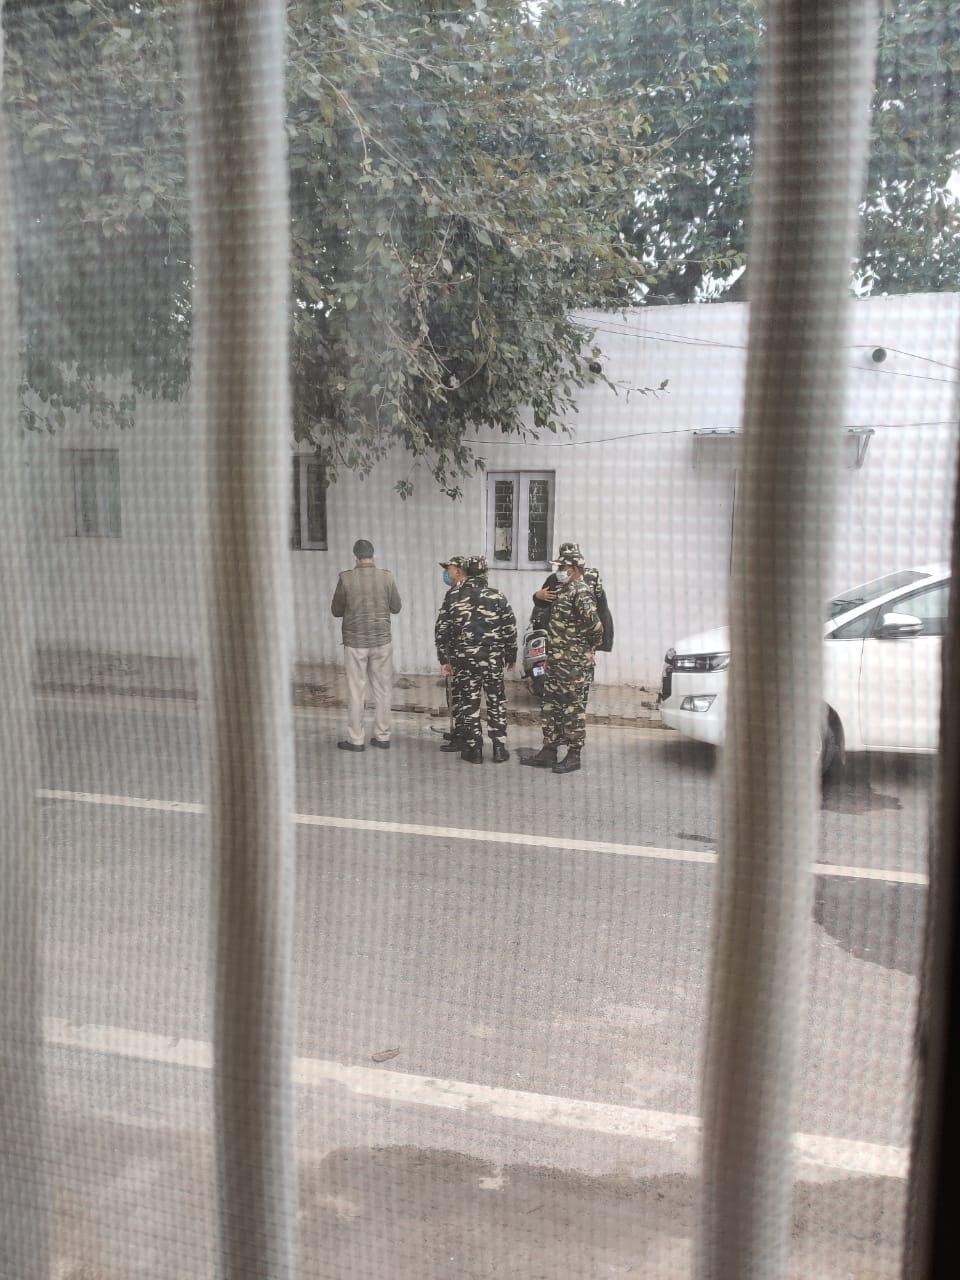 महुआ मोइत्रा ने सोशल मीडिया पर अपने घर के बाहर तैनात सुरक्षाकर्मियों की फोटो शेयर की।